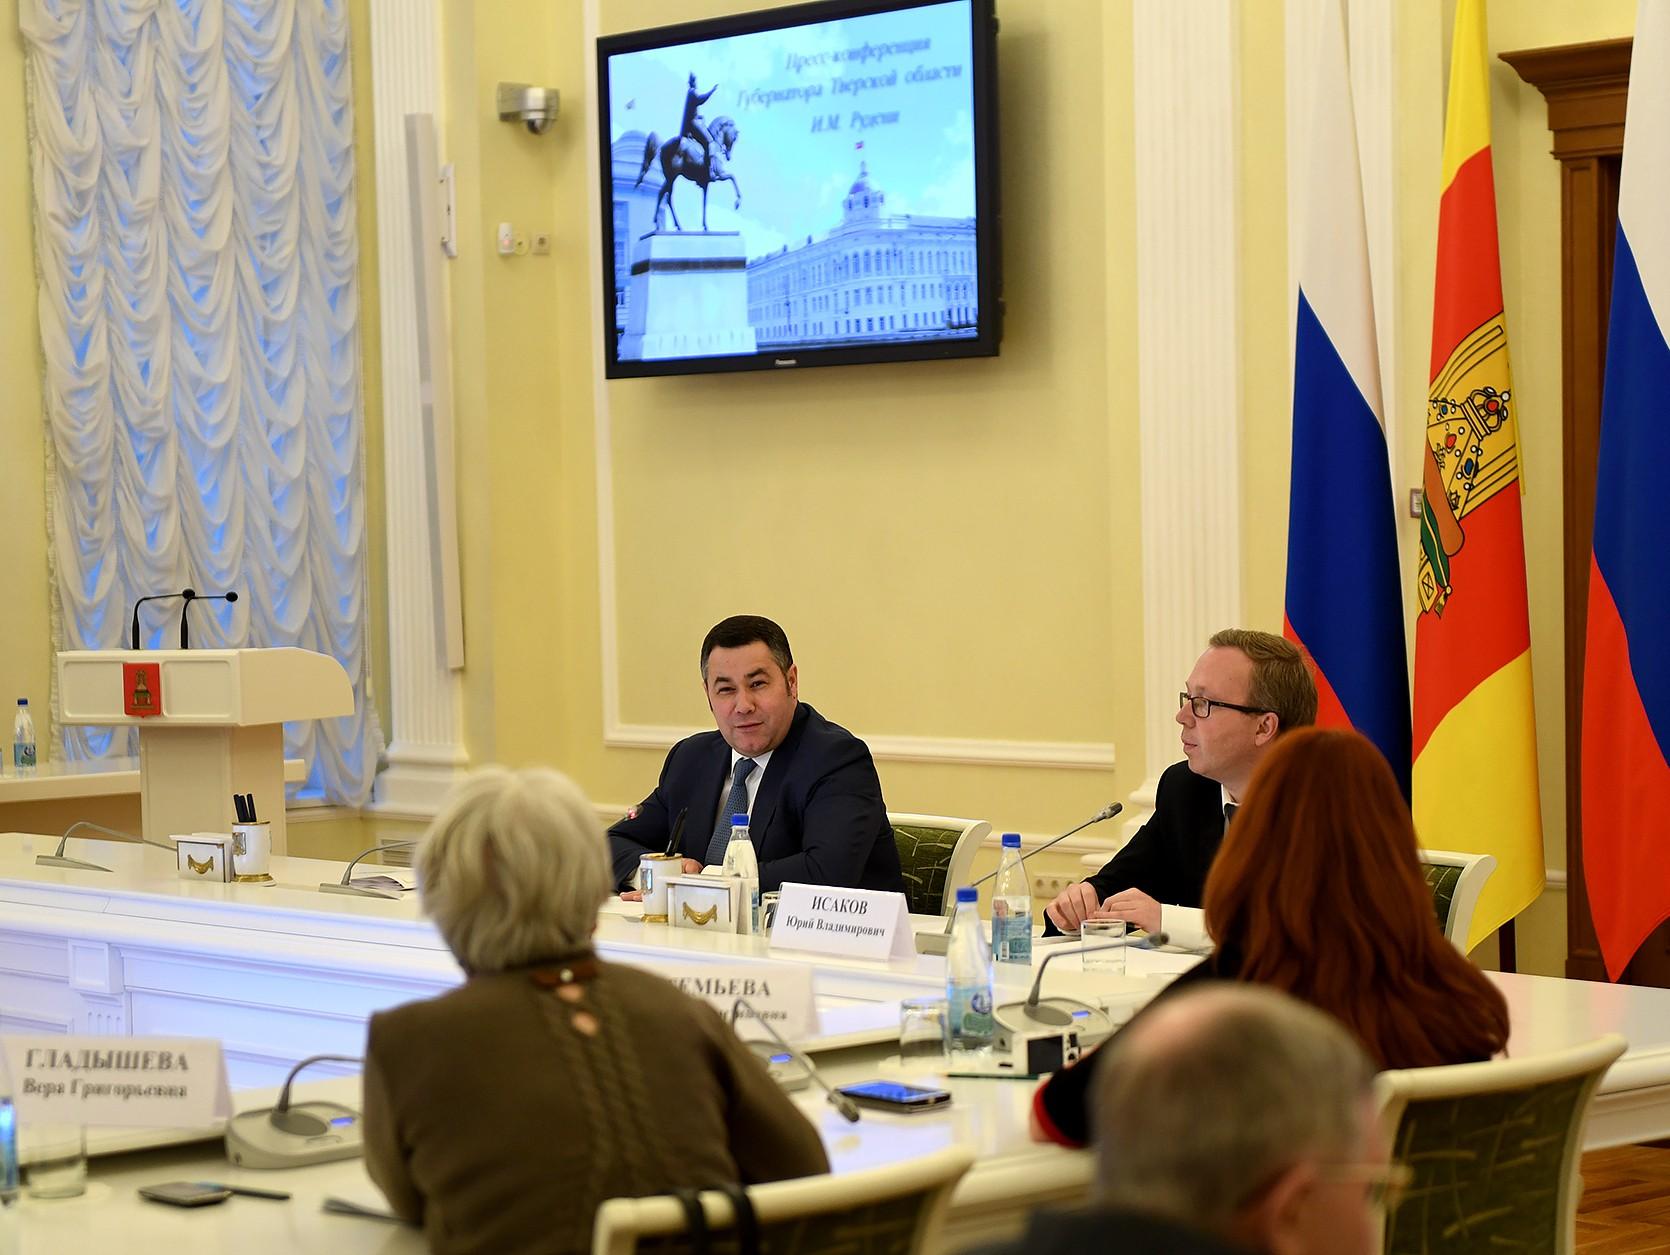 Губернатор Тверской области назвал самые главные для региона события в текущем году